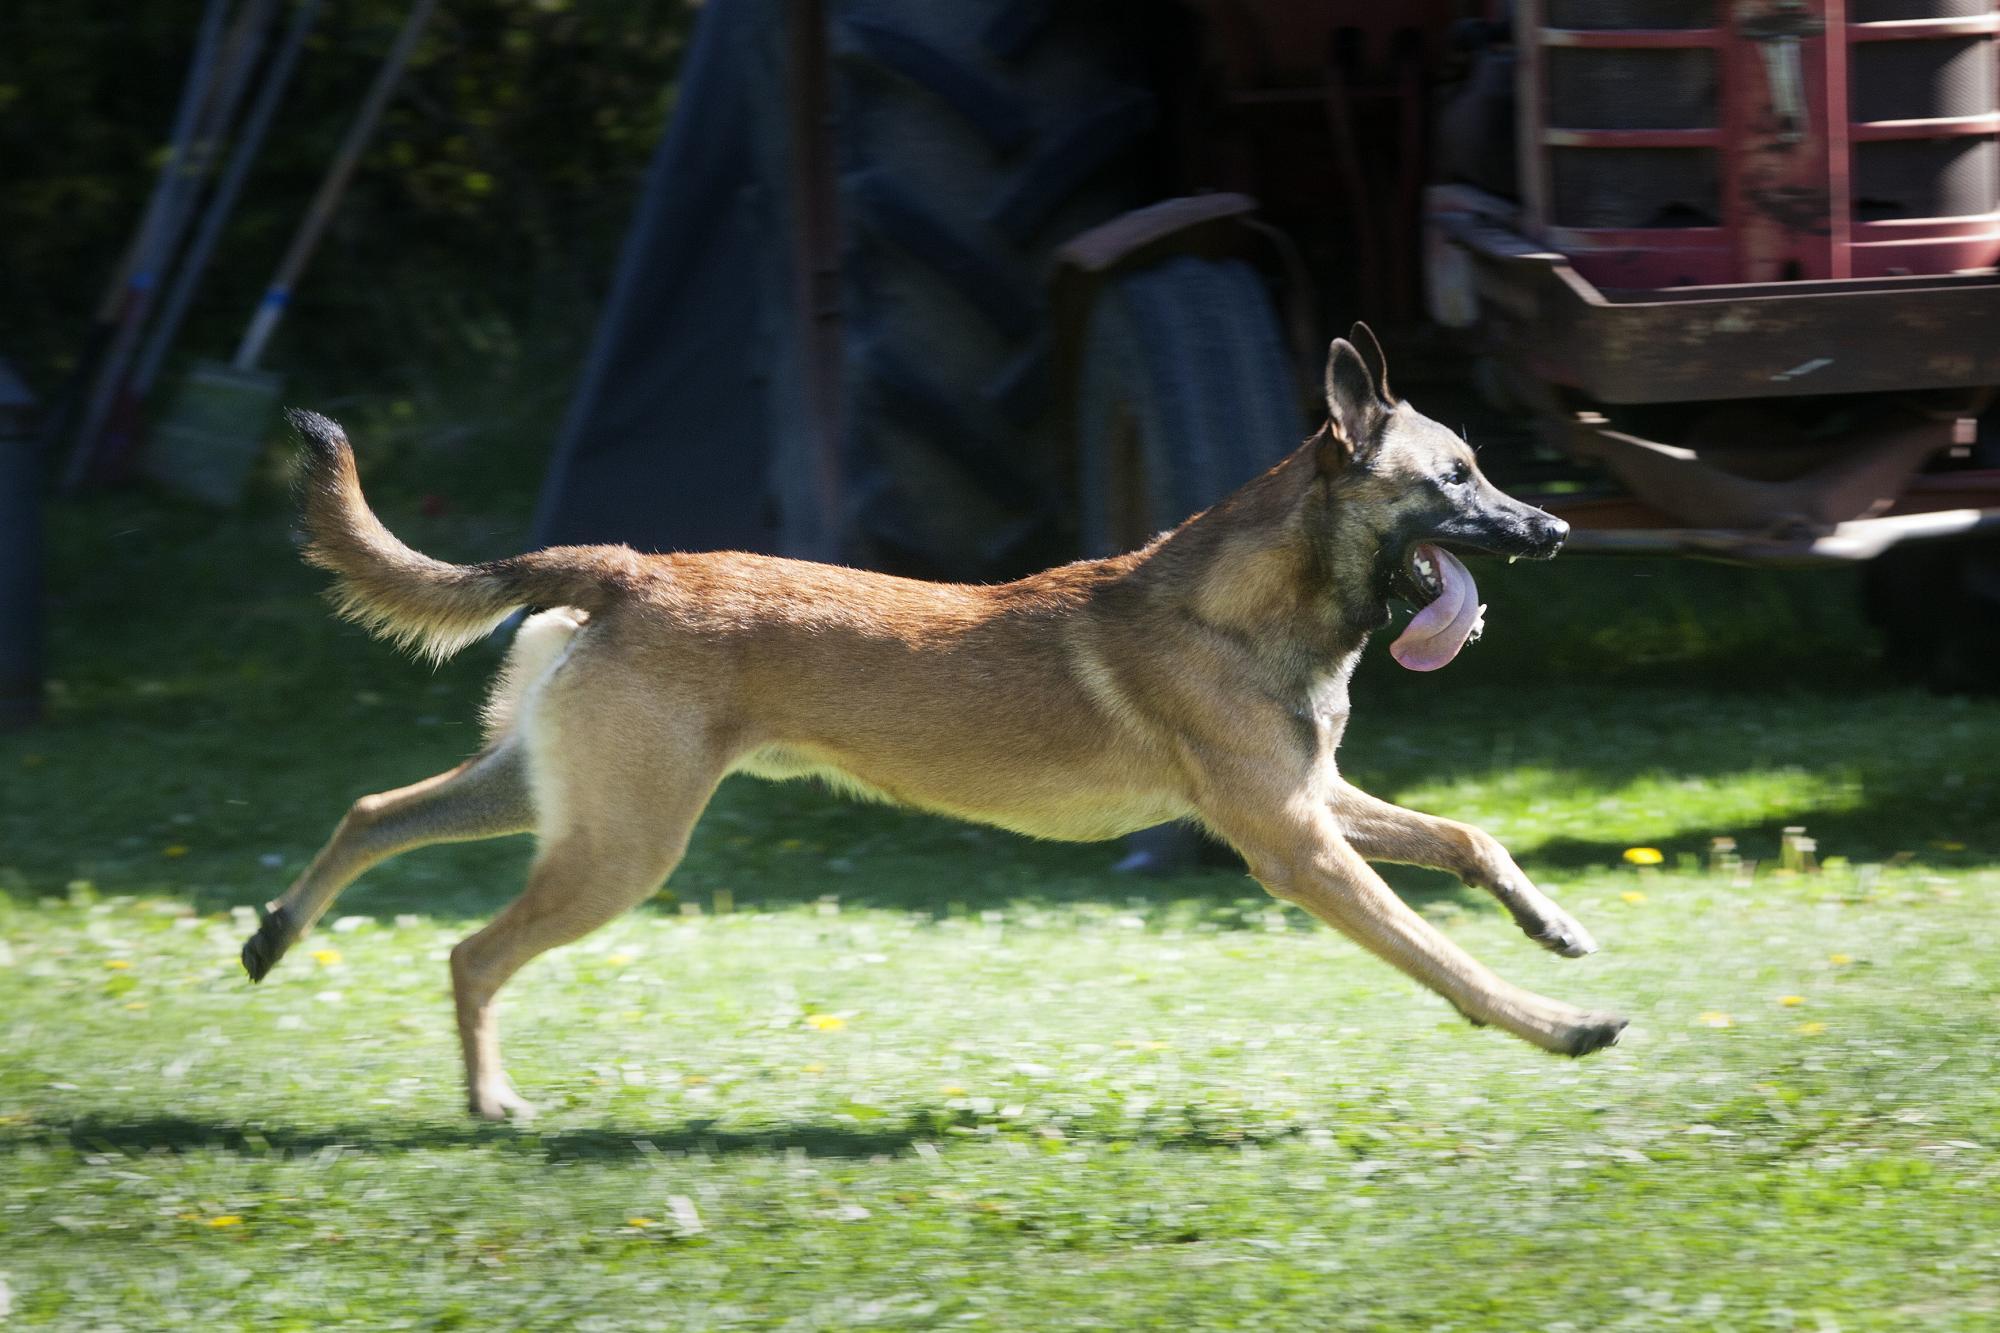 I momentet framåtsändande skall hunden springa rätt fram och sedan springa tillbaka till föraren på dennas inkallning. Här Jenny Lindströms hund Boa Vom Blauen Mistral på väg tillbaka till matte.